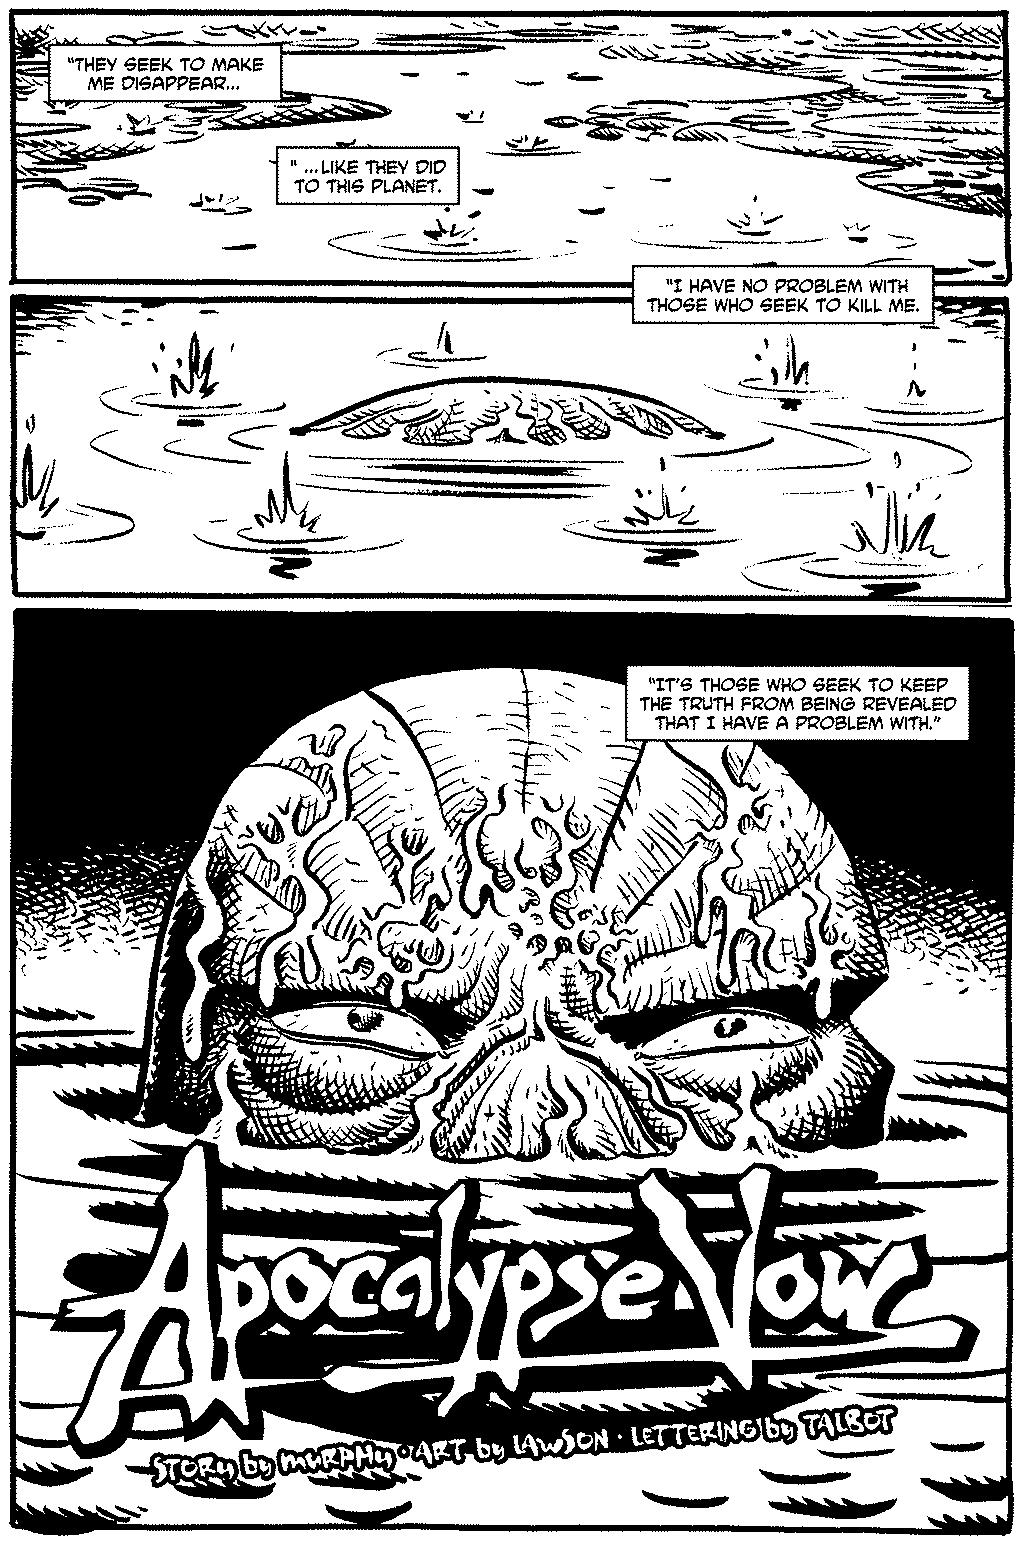 Apocalypse Vow